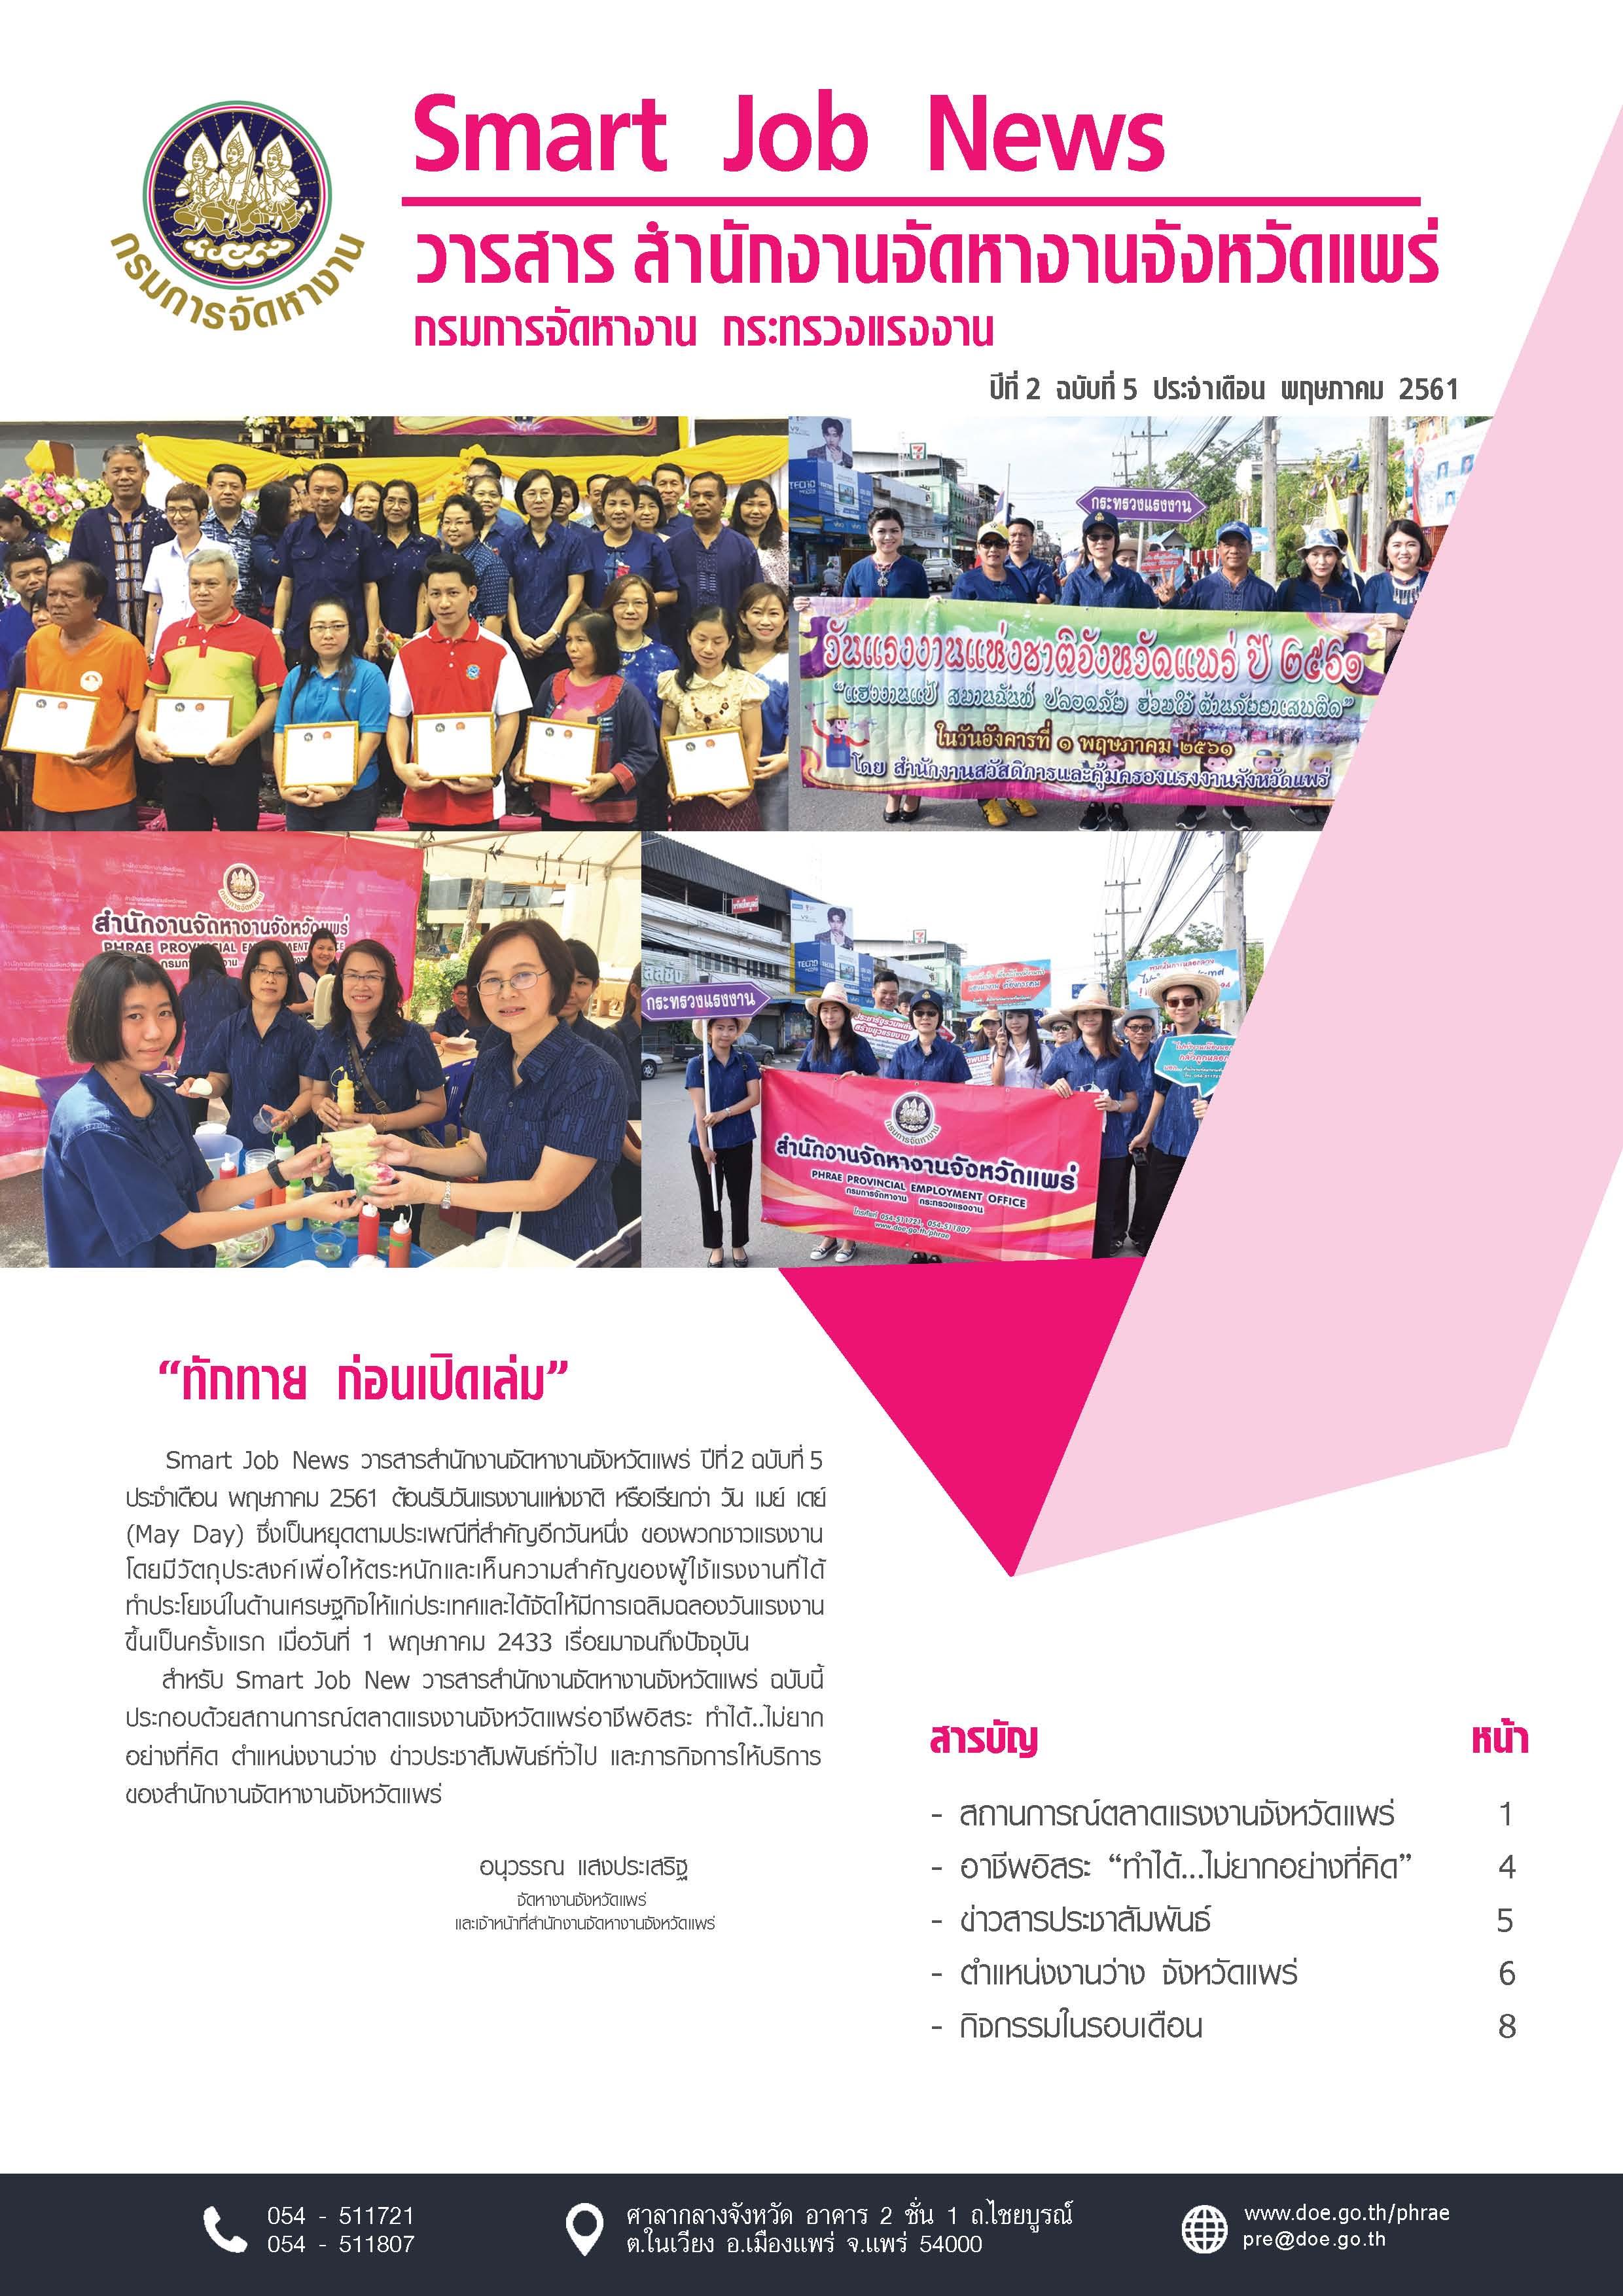 วารสารสำนักงานจัดหางานจังหวัดแพร่ ปีที่ 2 ฉบับที่ 5 ประจำเดือน พฤษภาคม 2561